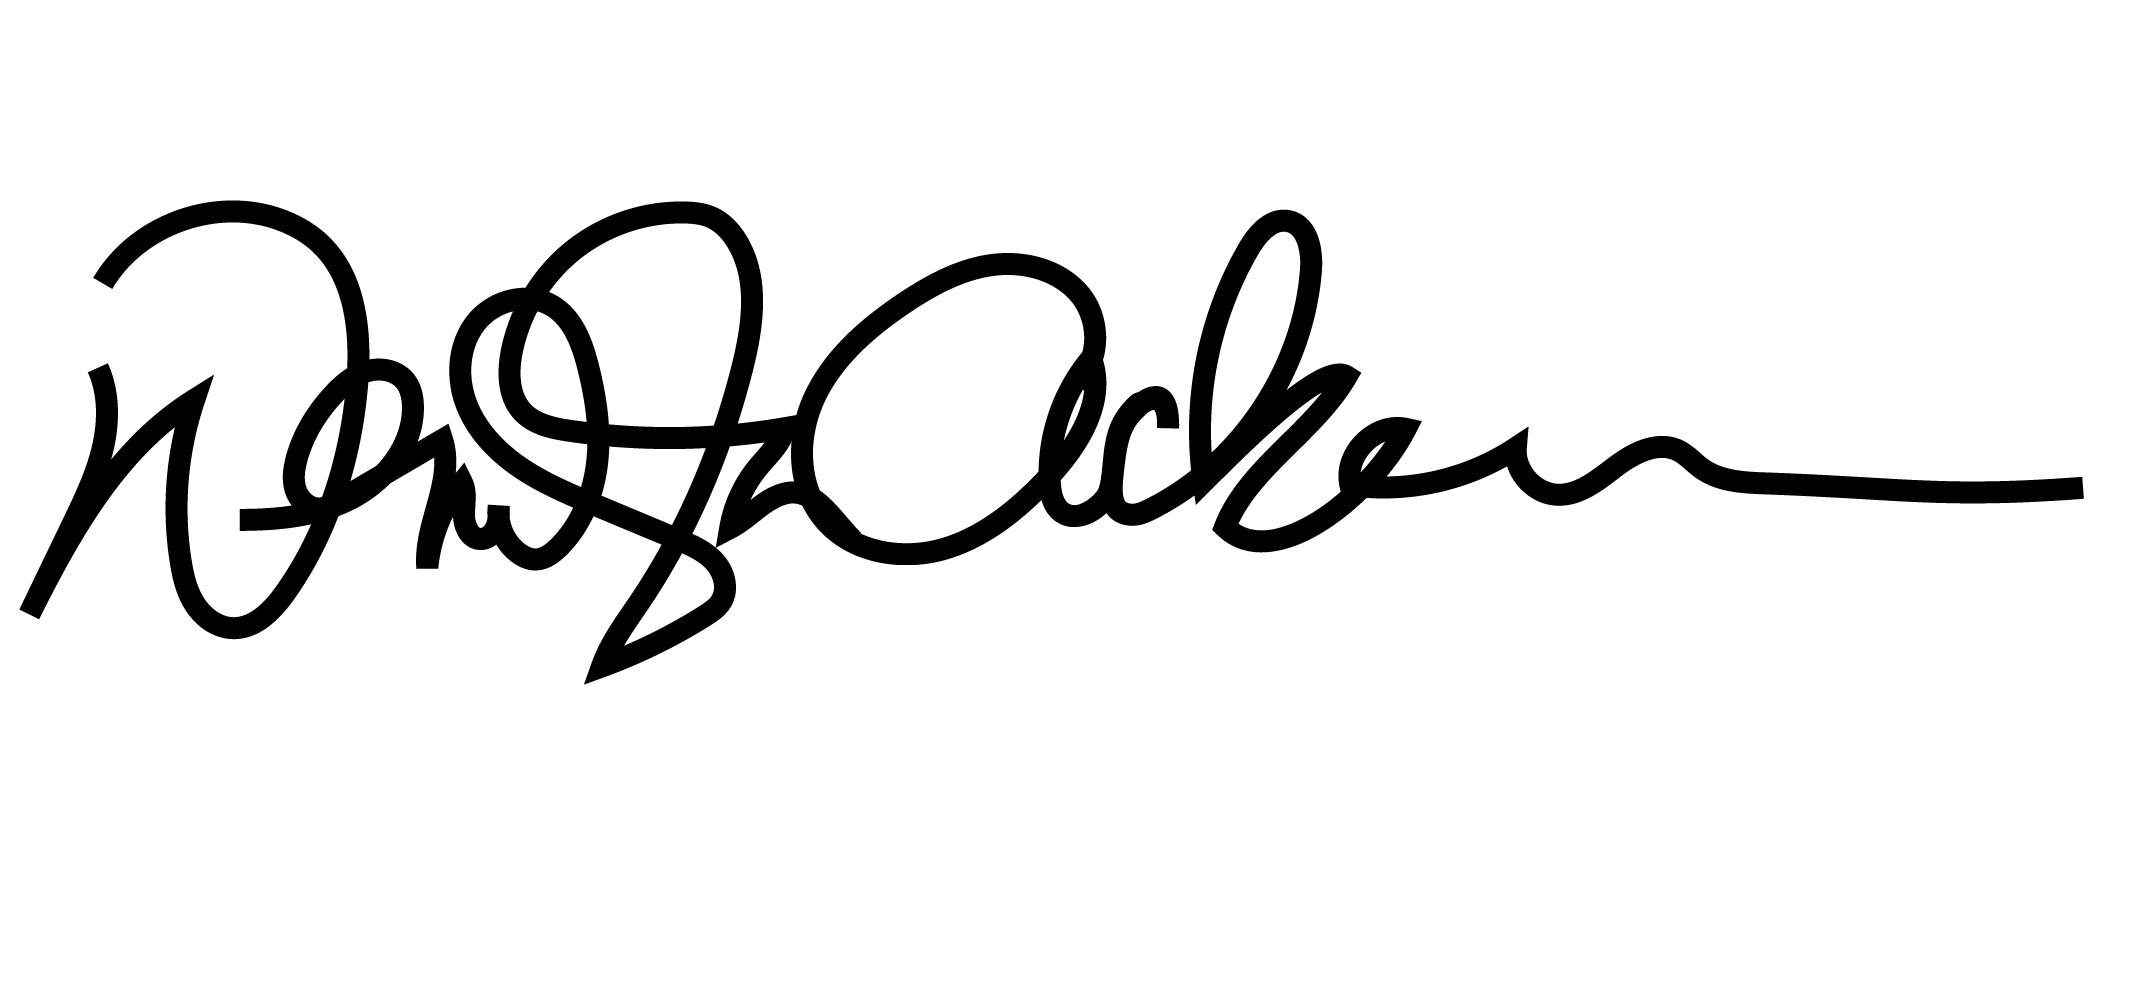 Wendy Ackerman's Signature